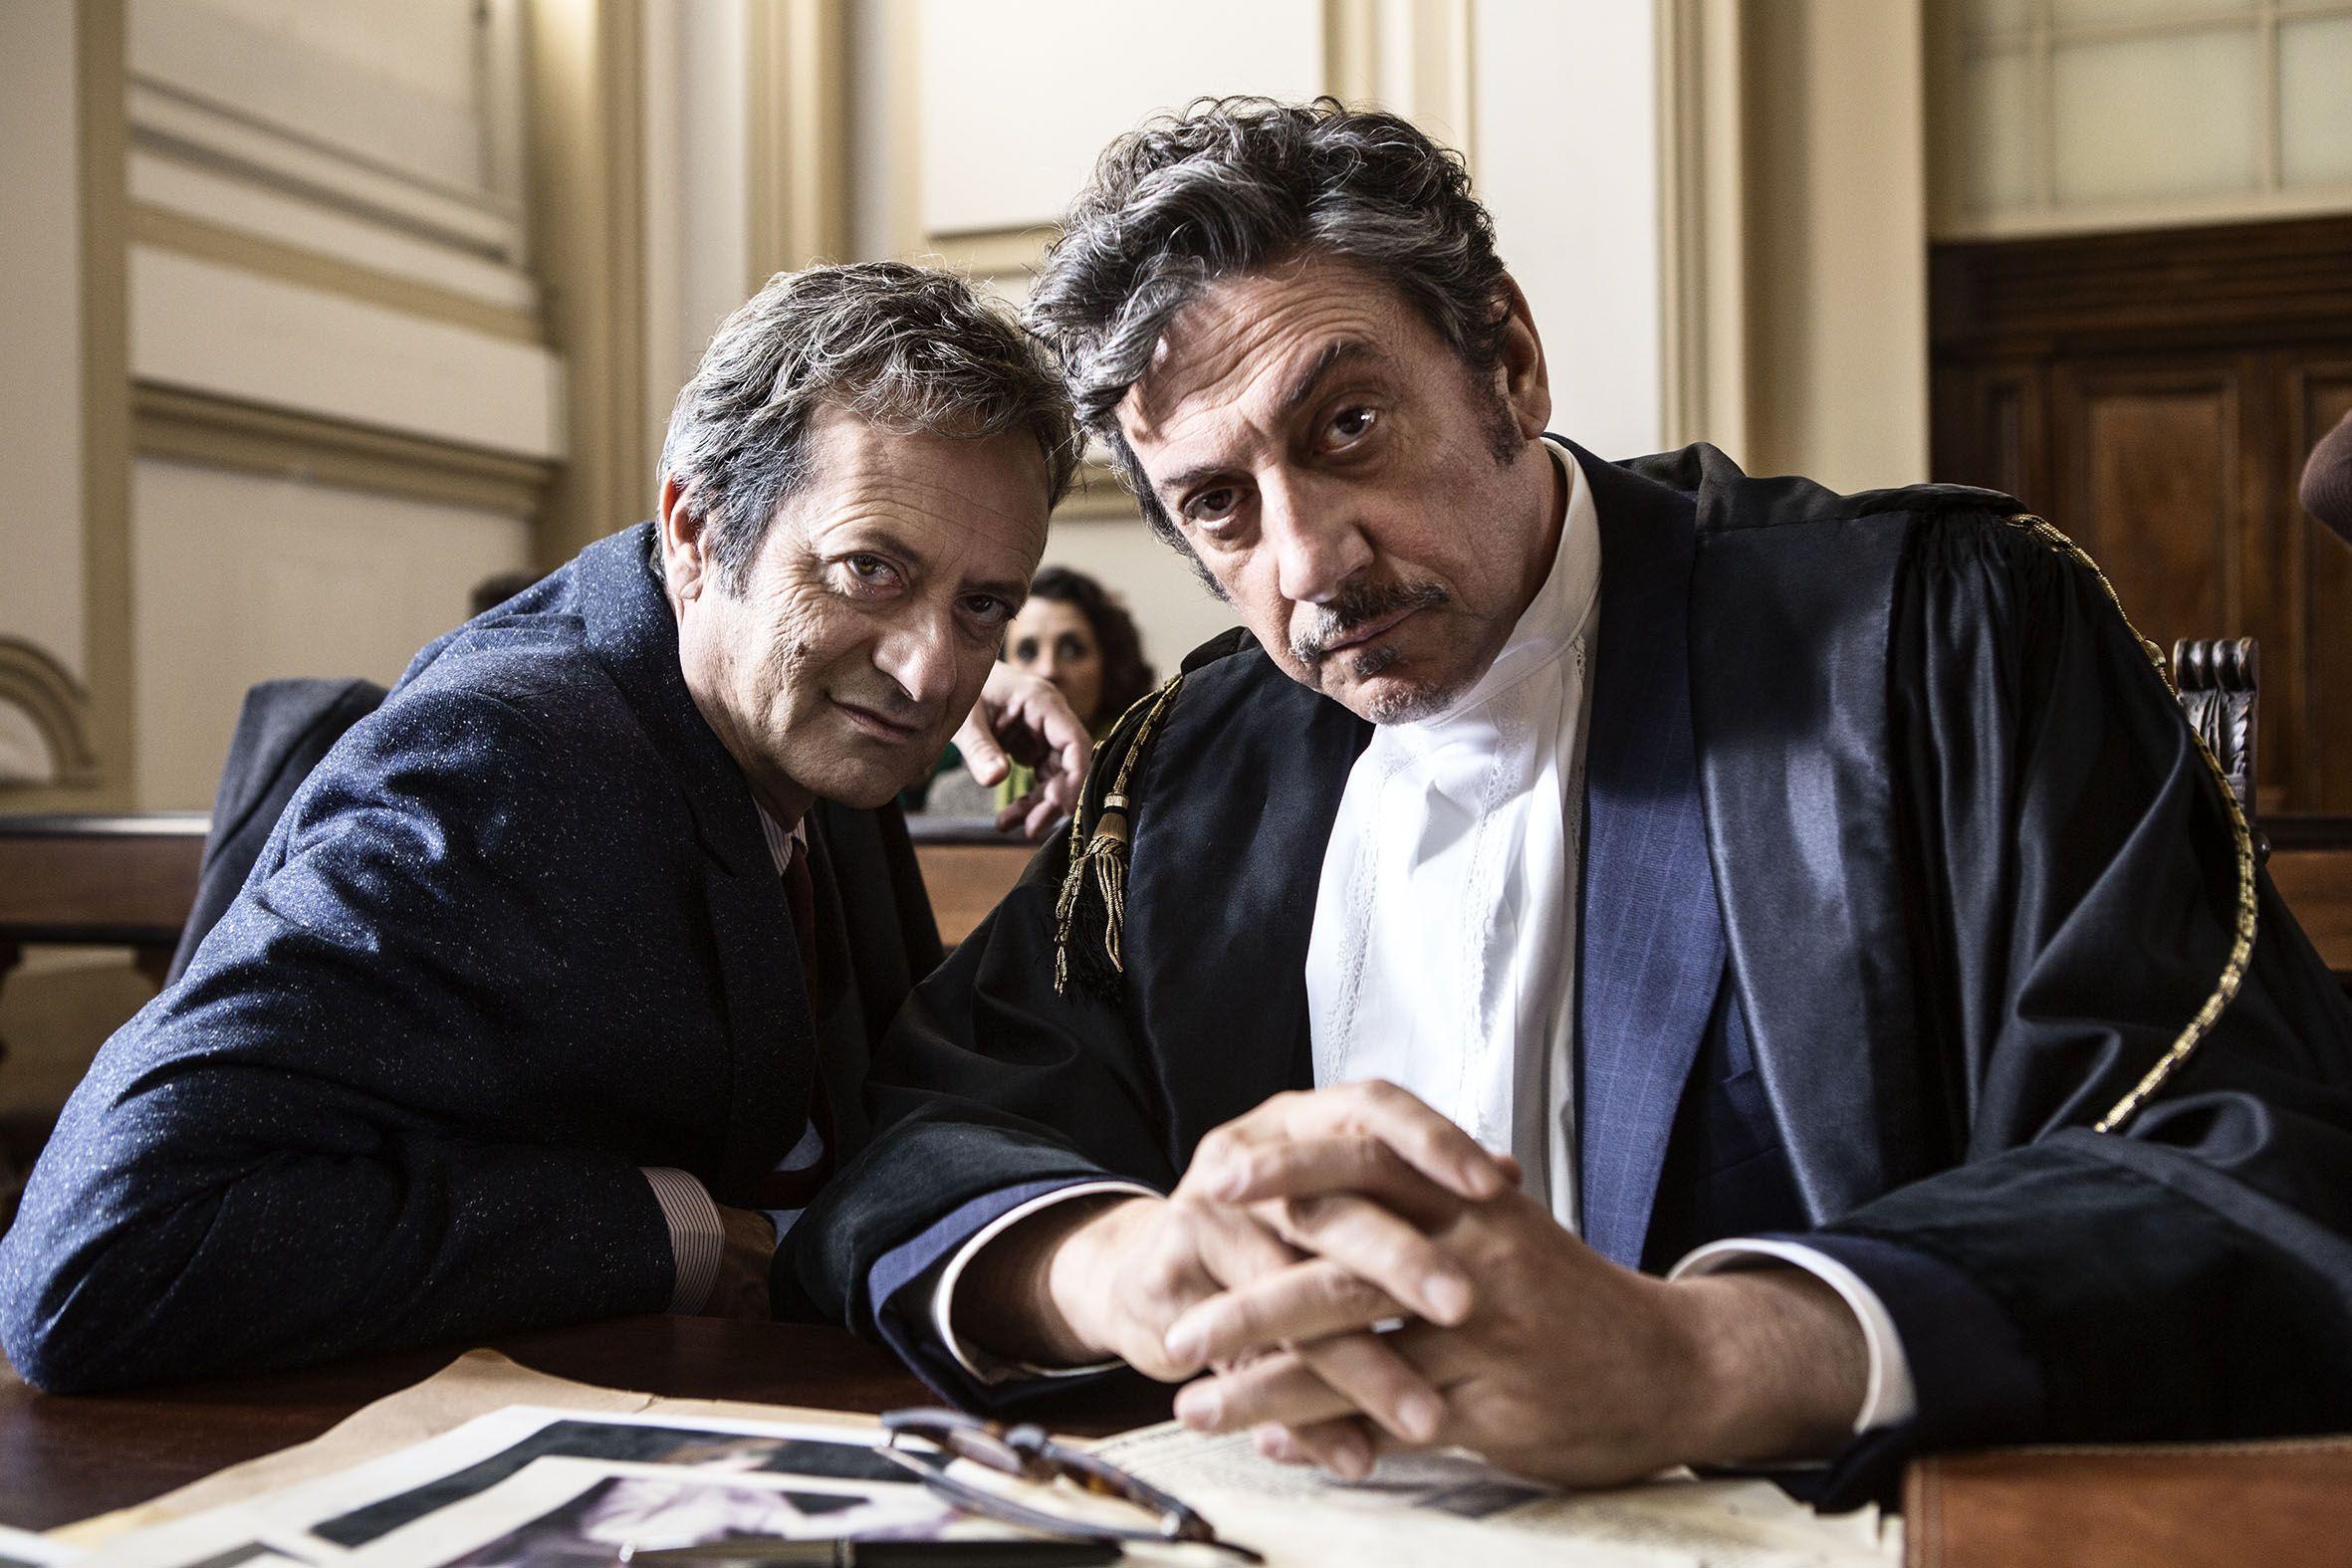 La buca: Sergio Castellitto e Rocco Papaleo nella prima immagine promozionale del film